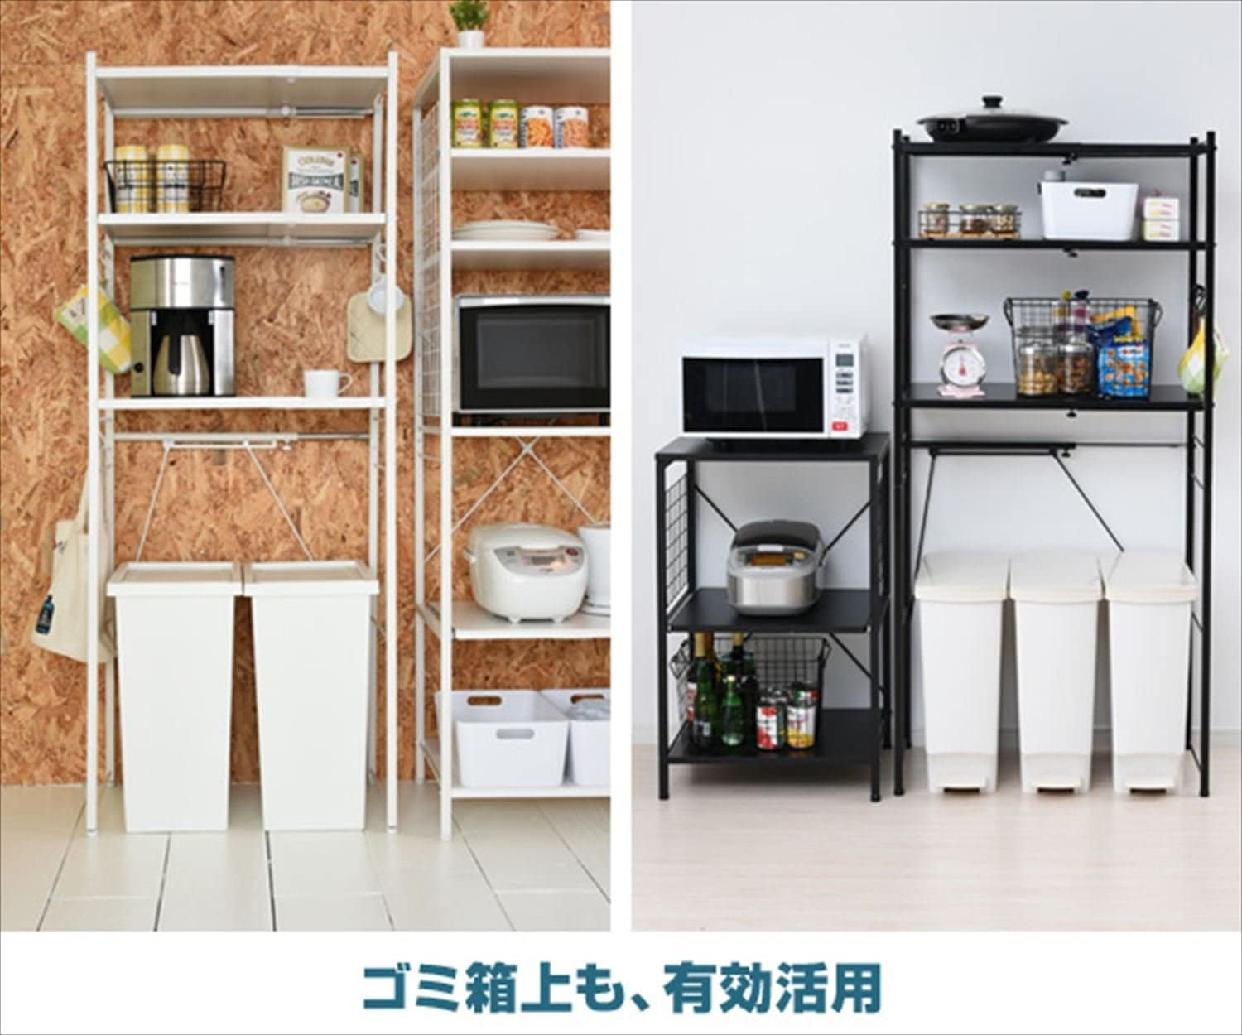 YAMAZEN(ヤマゼン)すっきりキッチンラック 伸縮タイプ/RPE-3 幅50-79.5cmの商品画像3